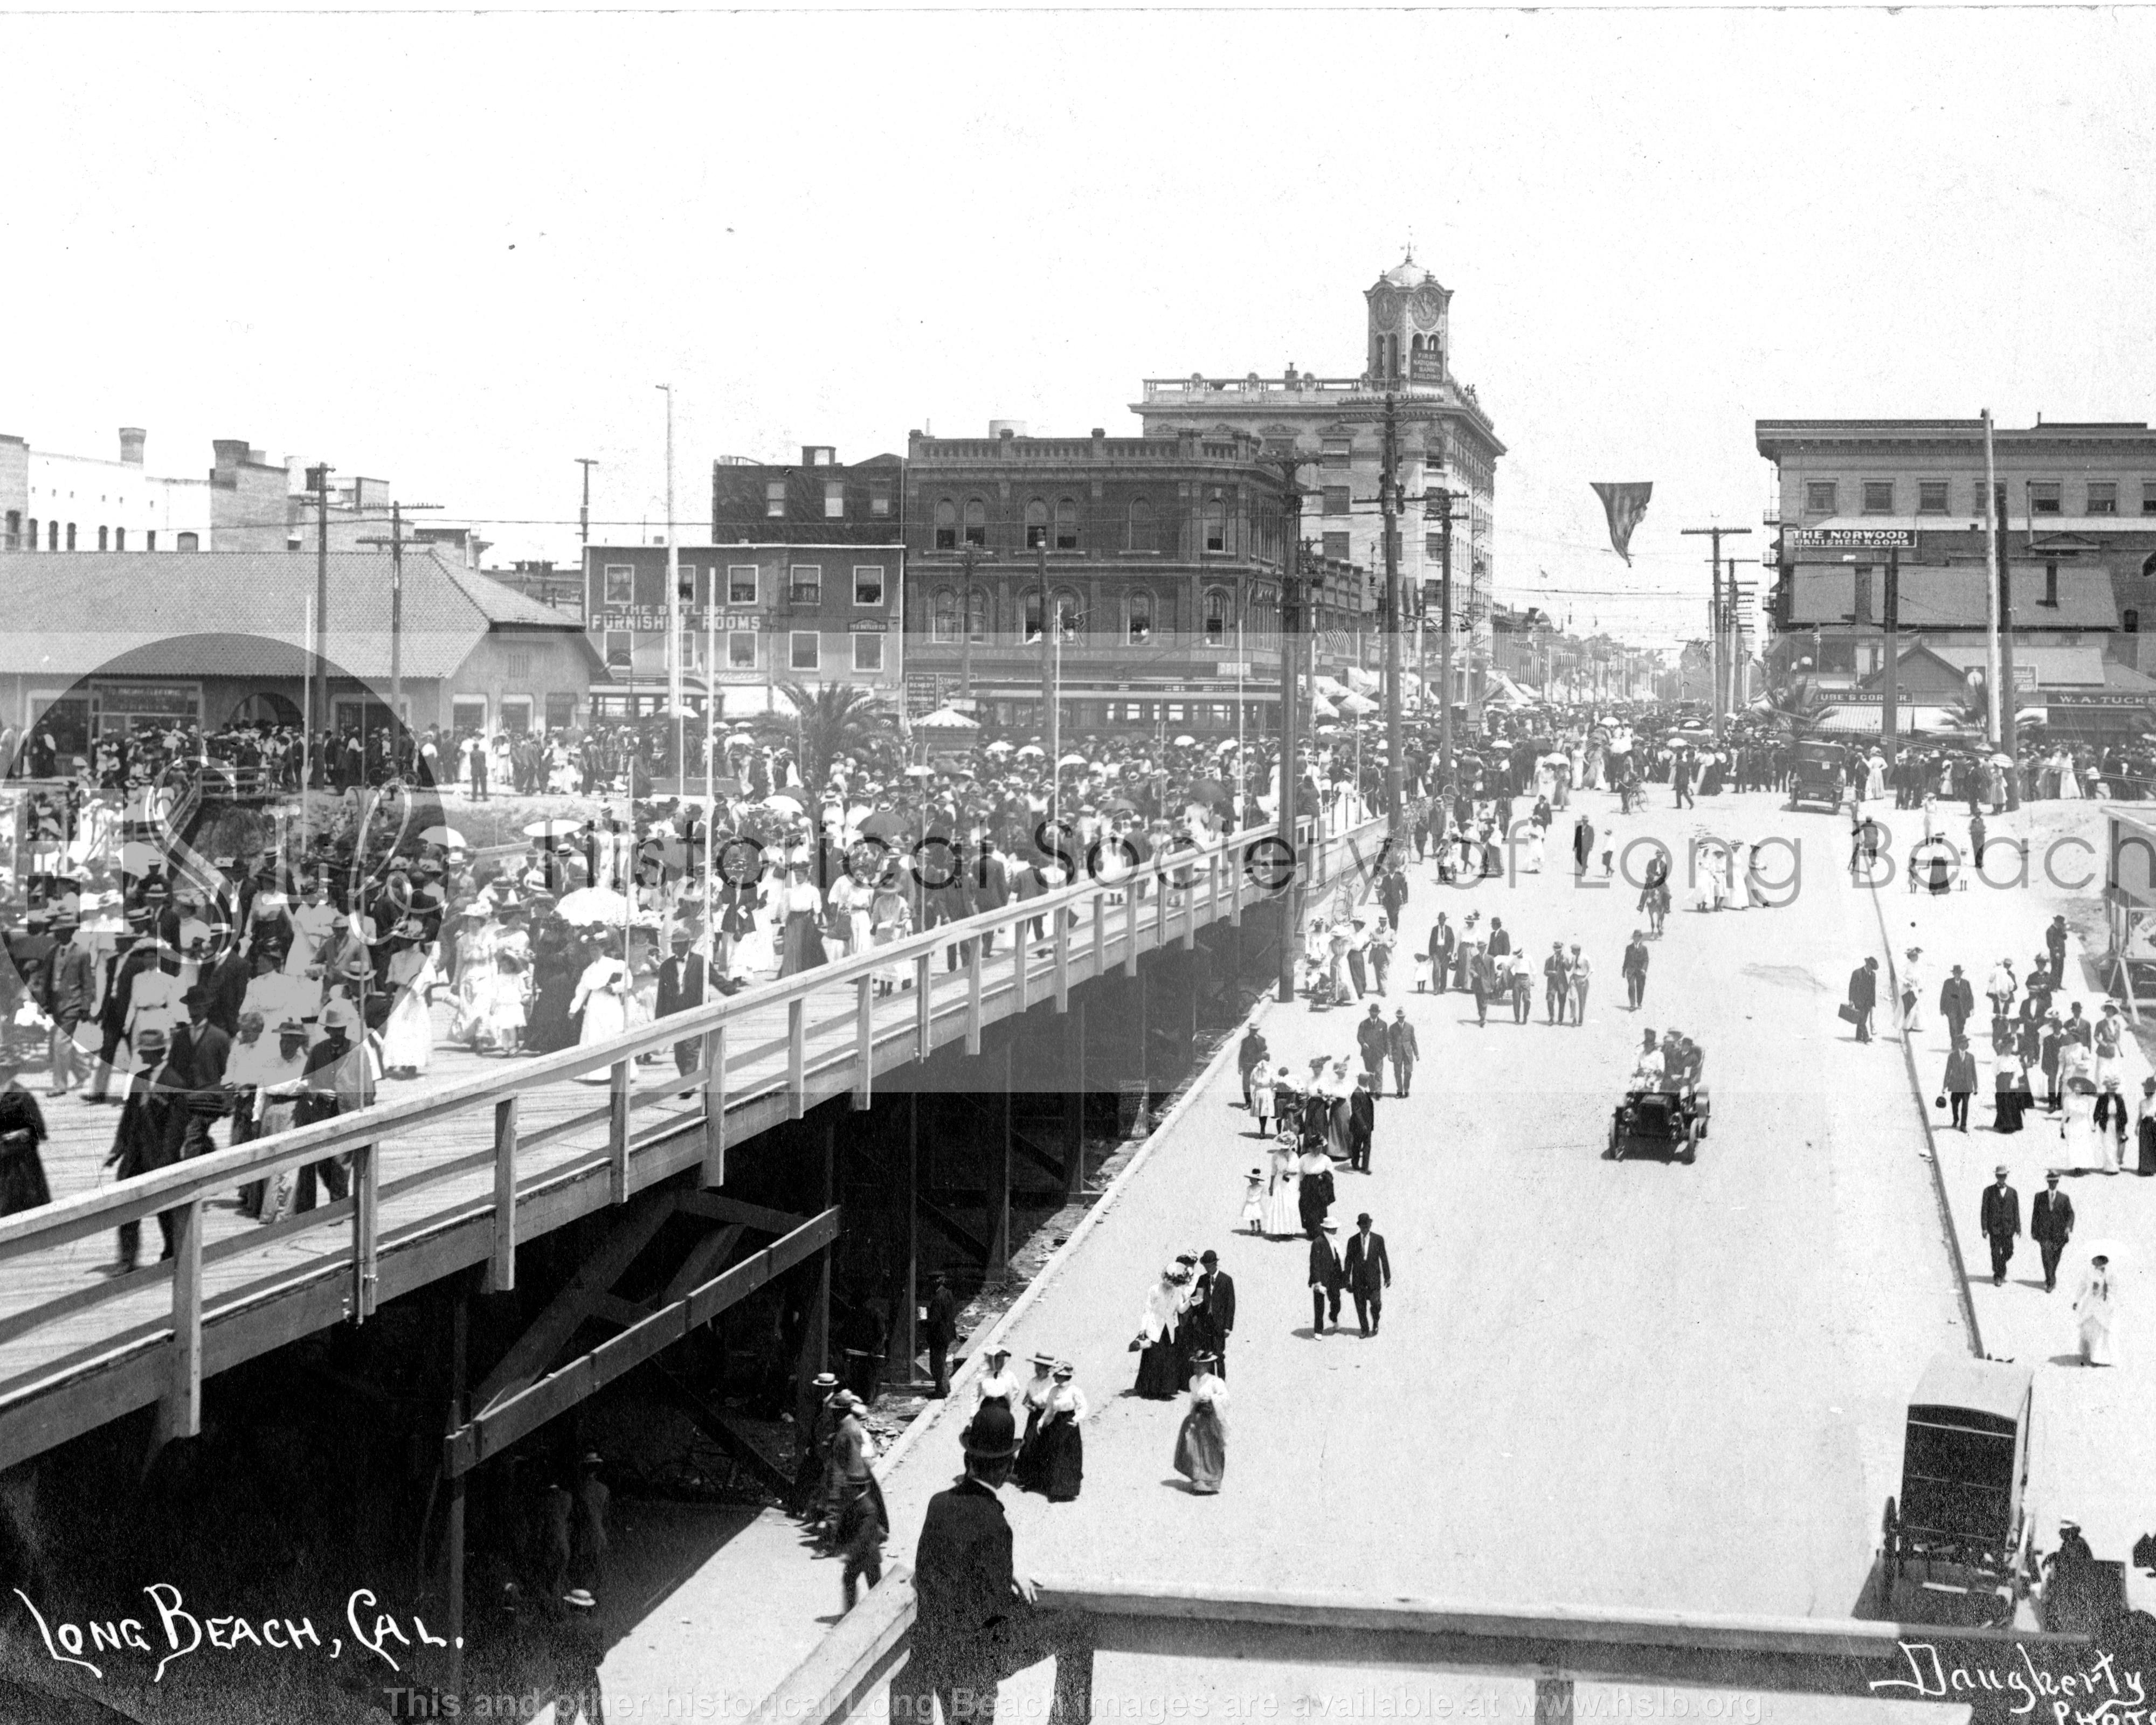 Pine Ave. Pier entrance, 1910